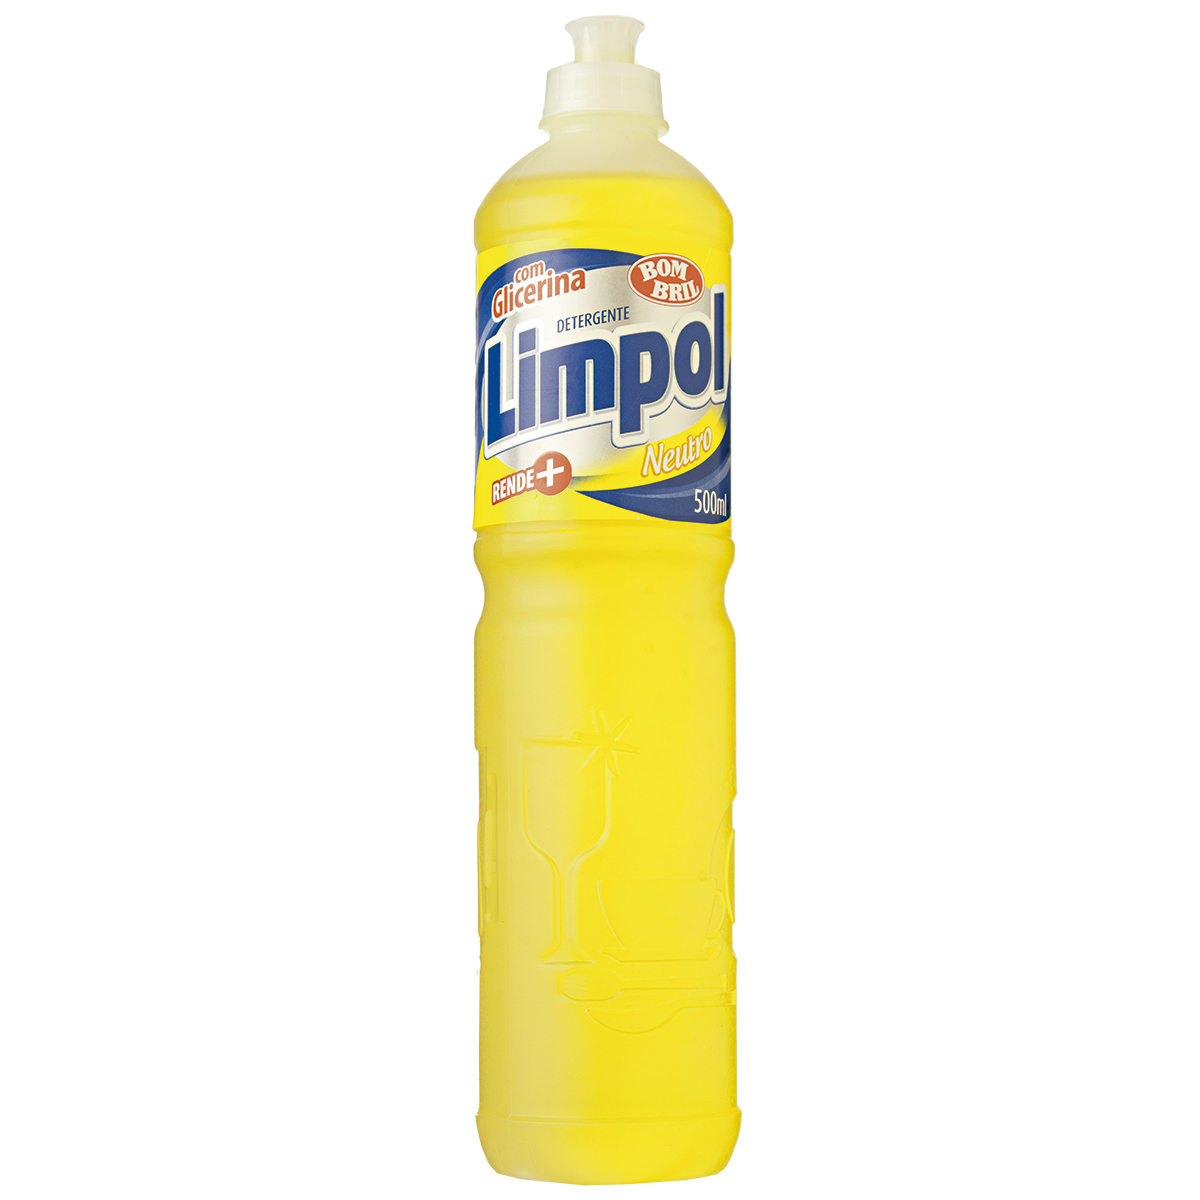 Detergente Limpol Neutro Glicerina 500ml